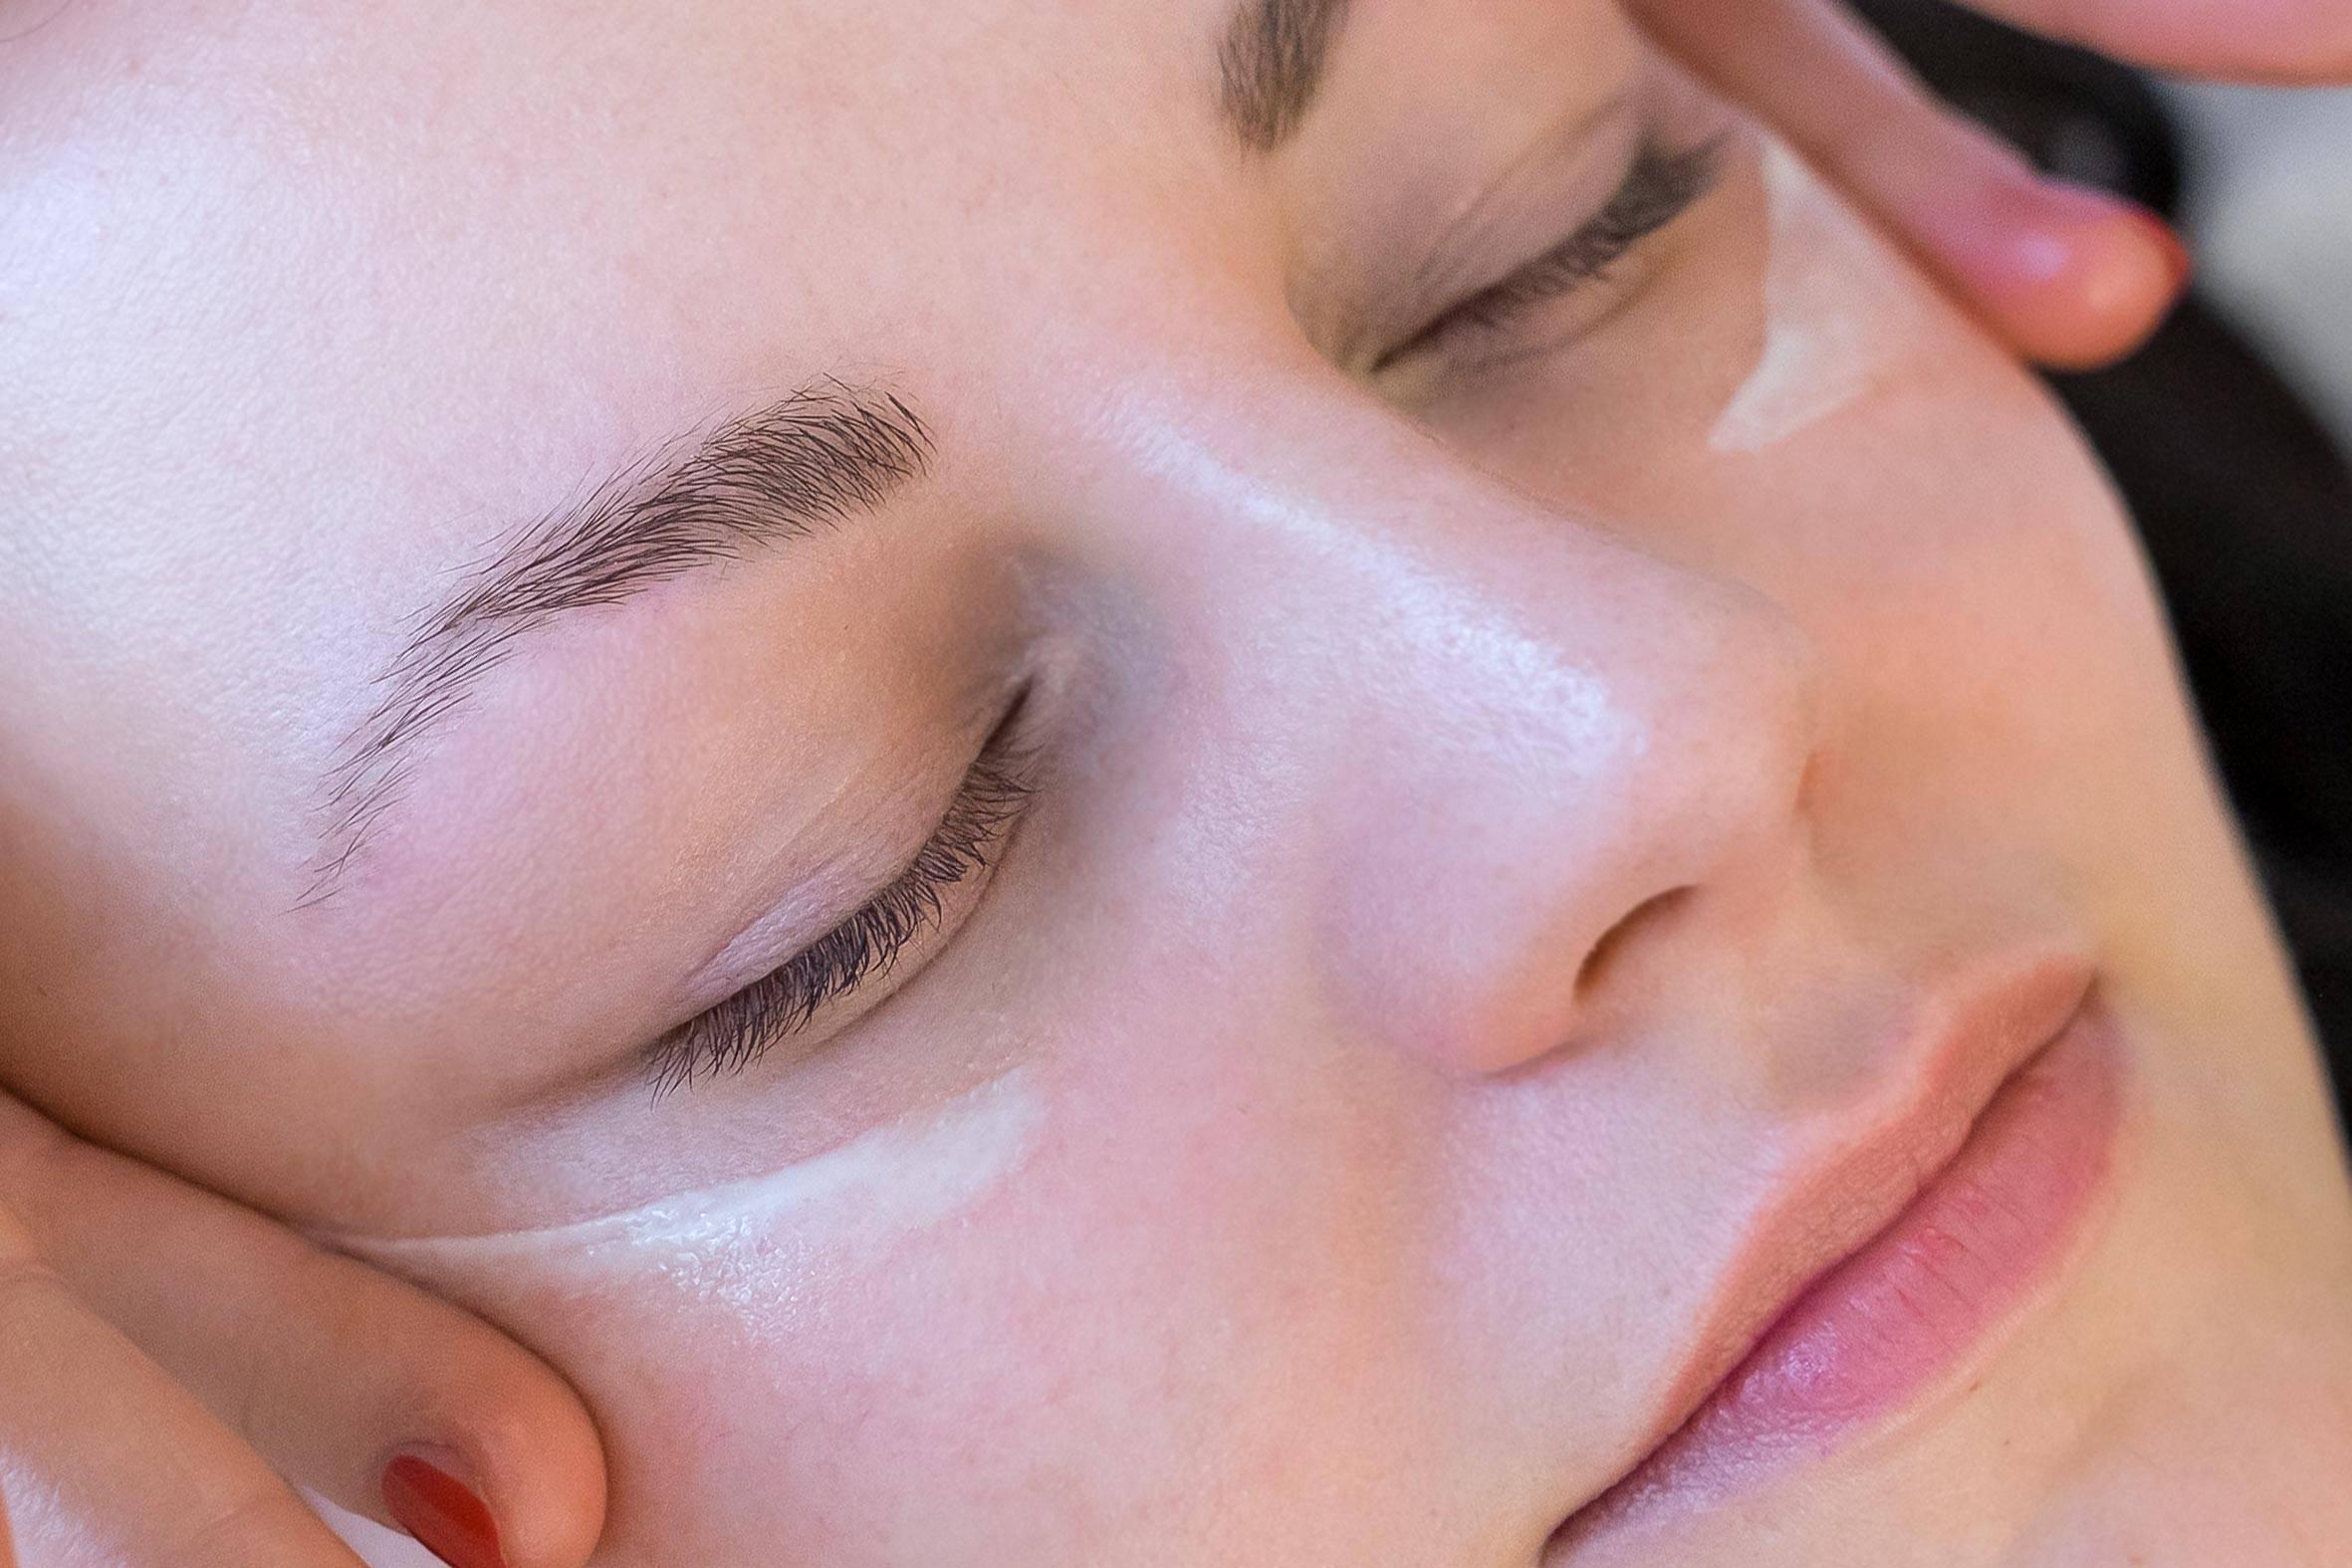 wie du deine haut am besten pflegst, erfährst du bei der hautanalyse und pflegeberatung bei der kosmetikerin von püppikram